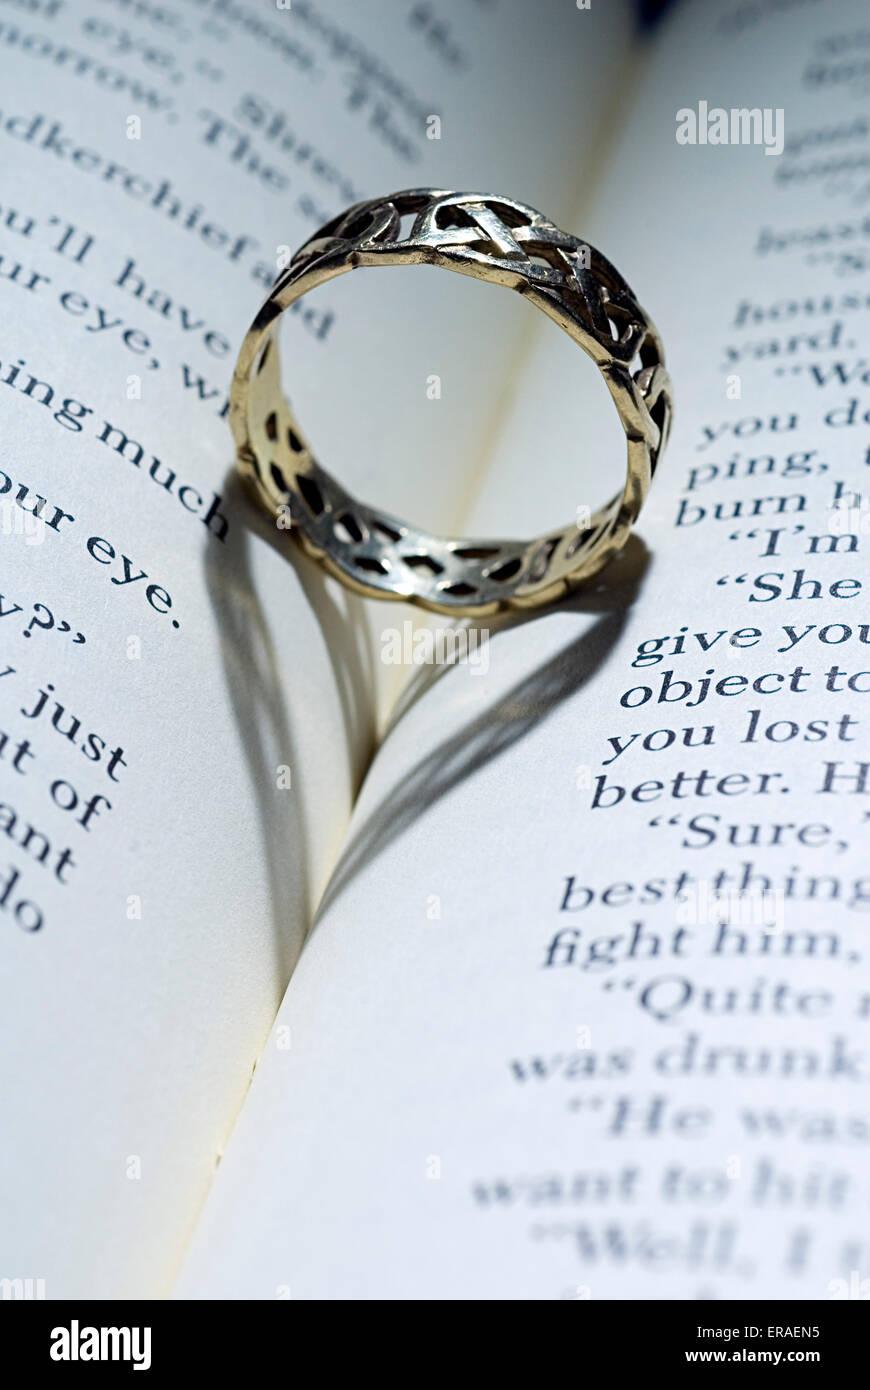 Ring mit herzförmigen Schatten auf ein offenes Buch liegend Stockfoto